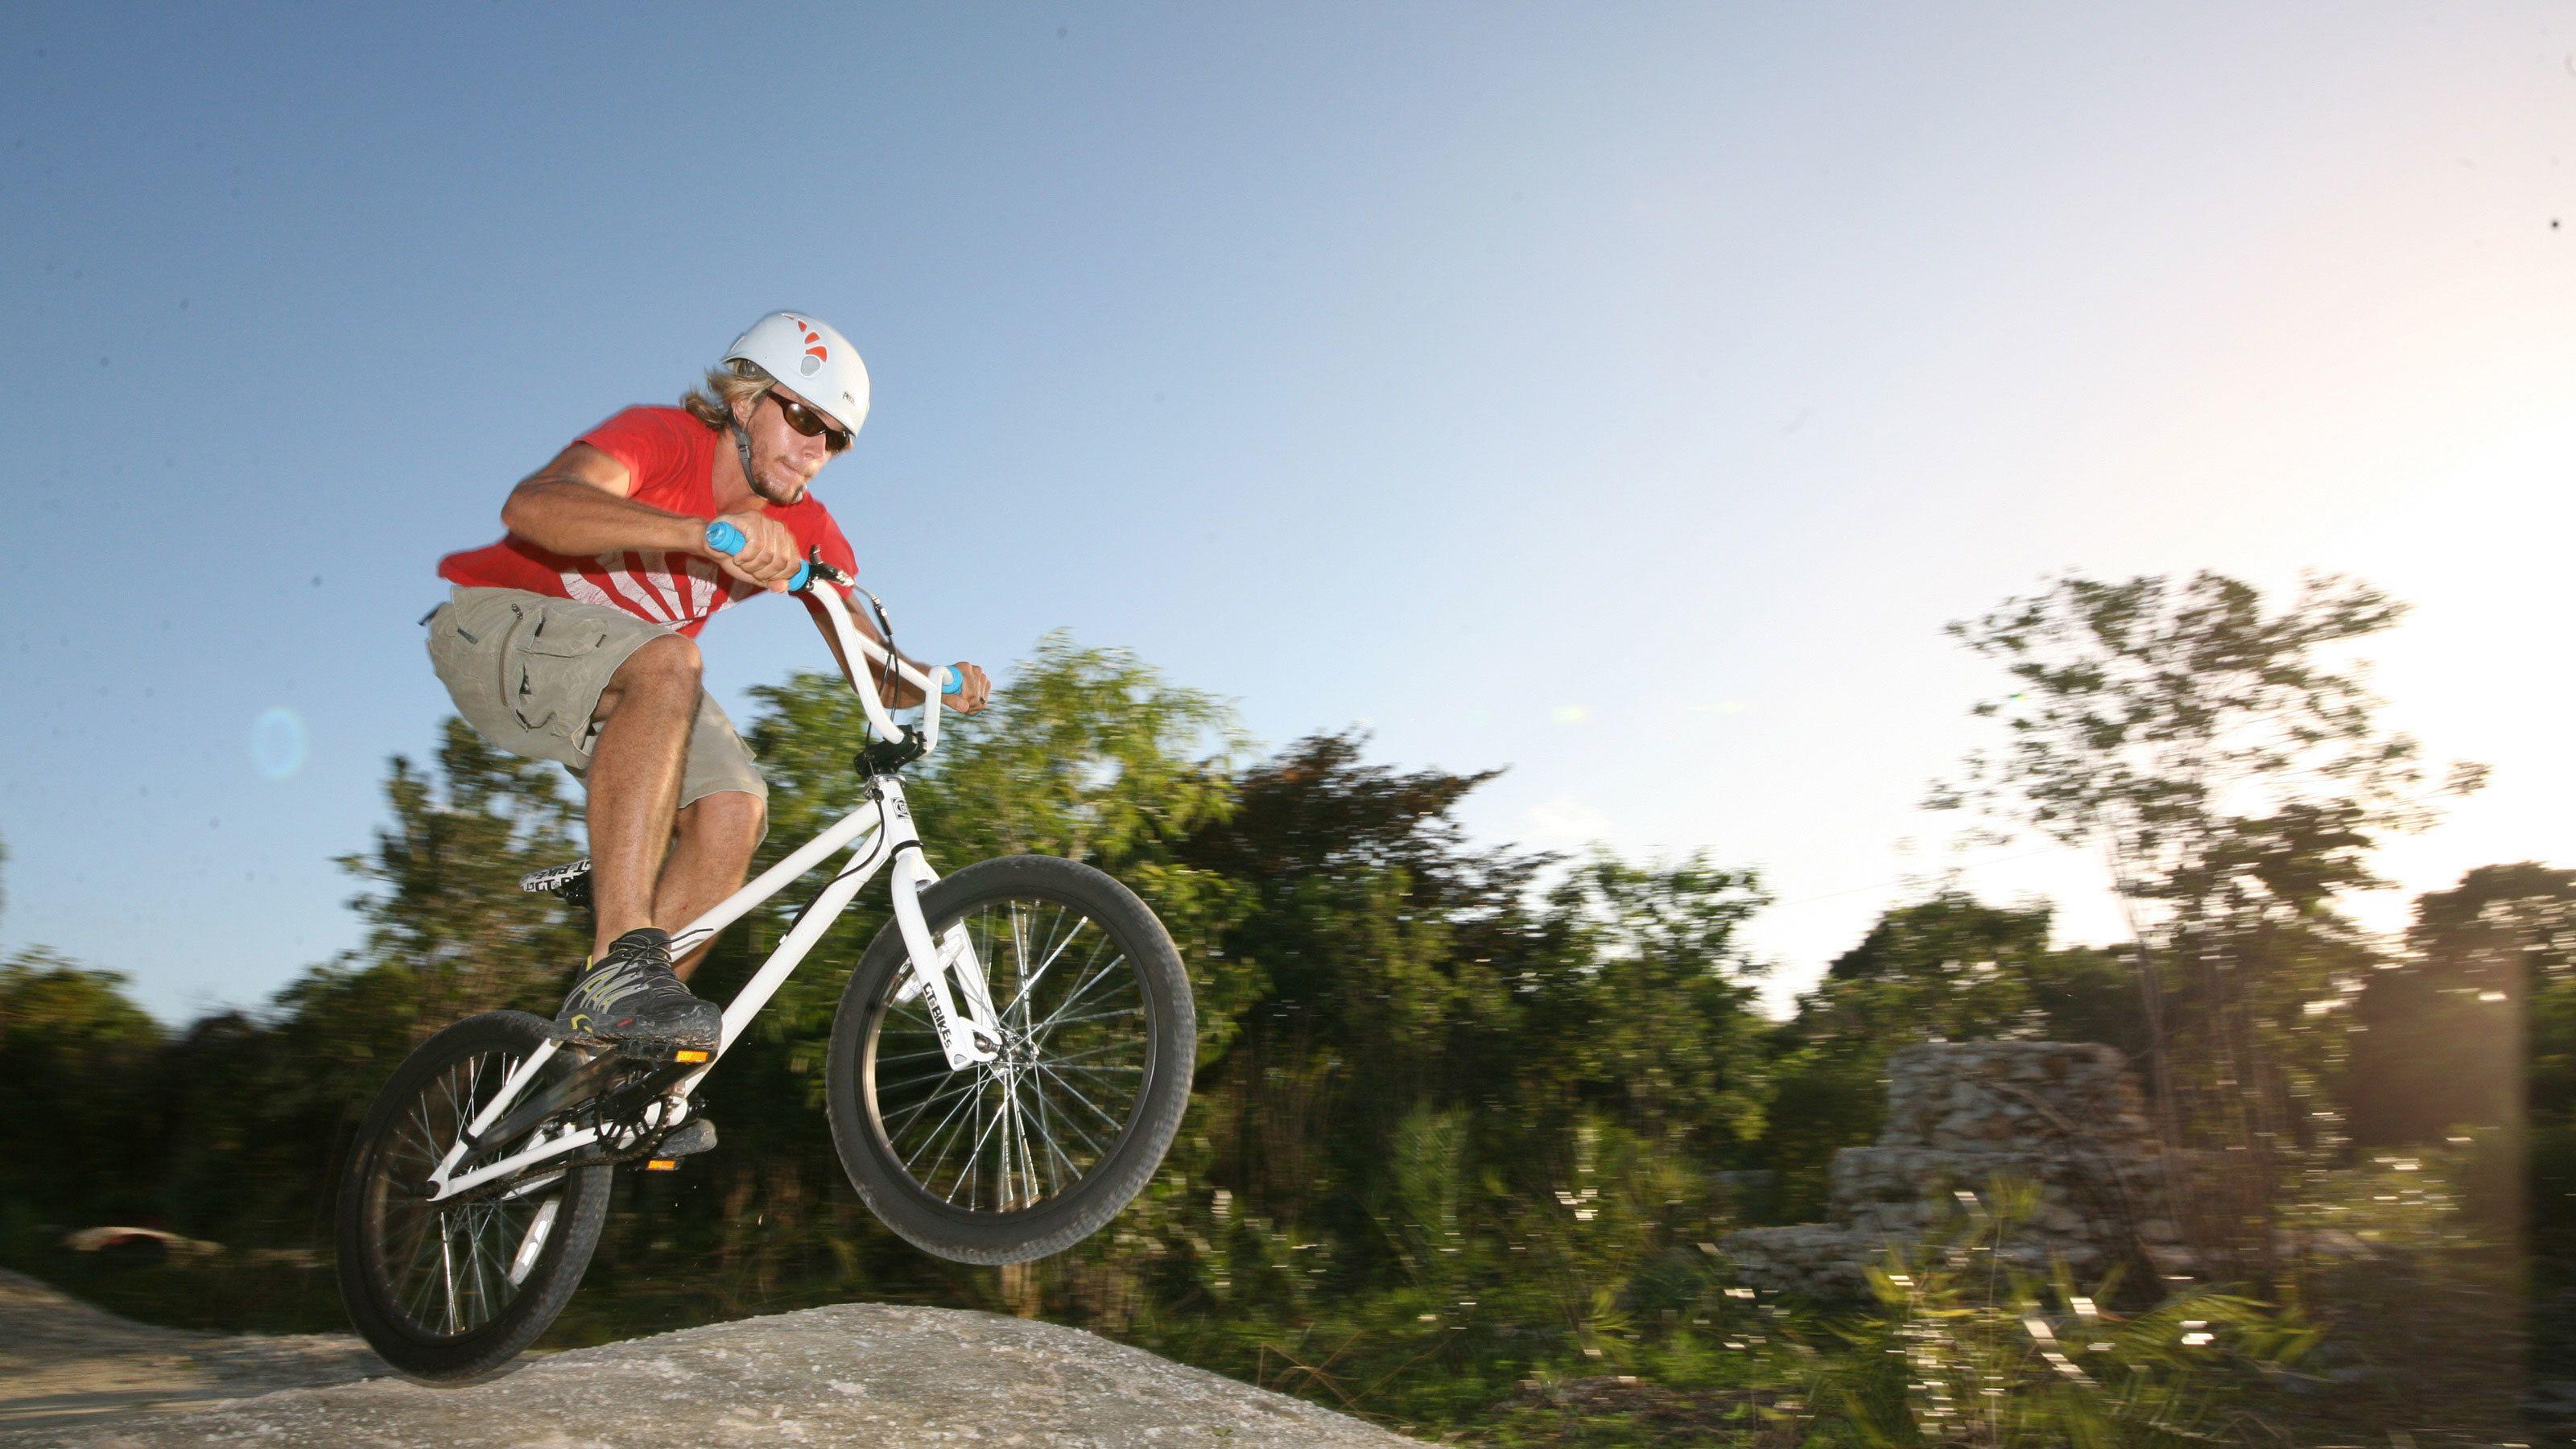 man riding bmx bike in park in Santo Domingo